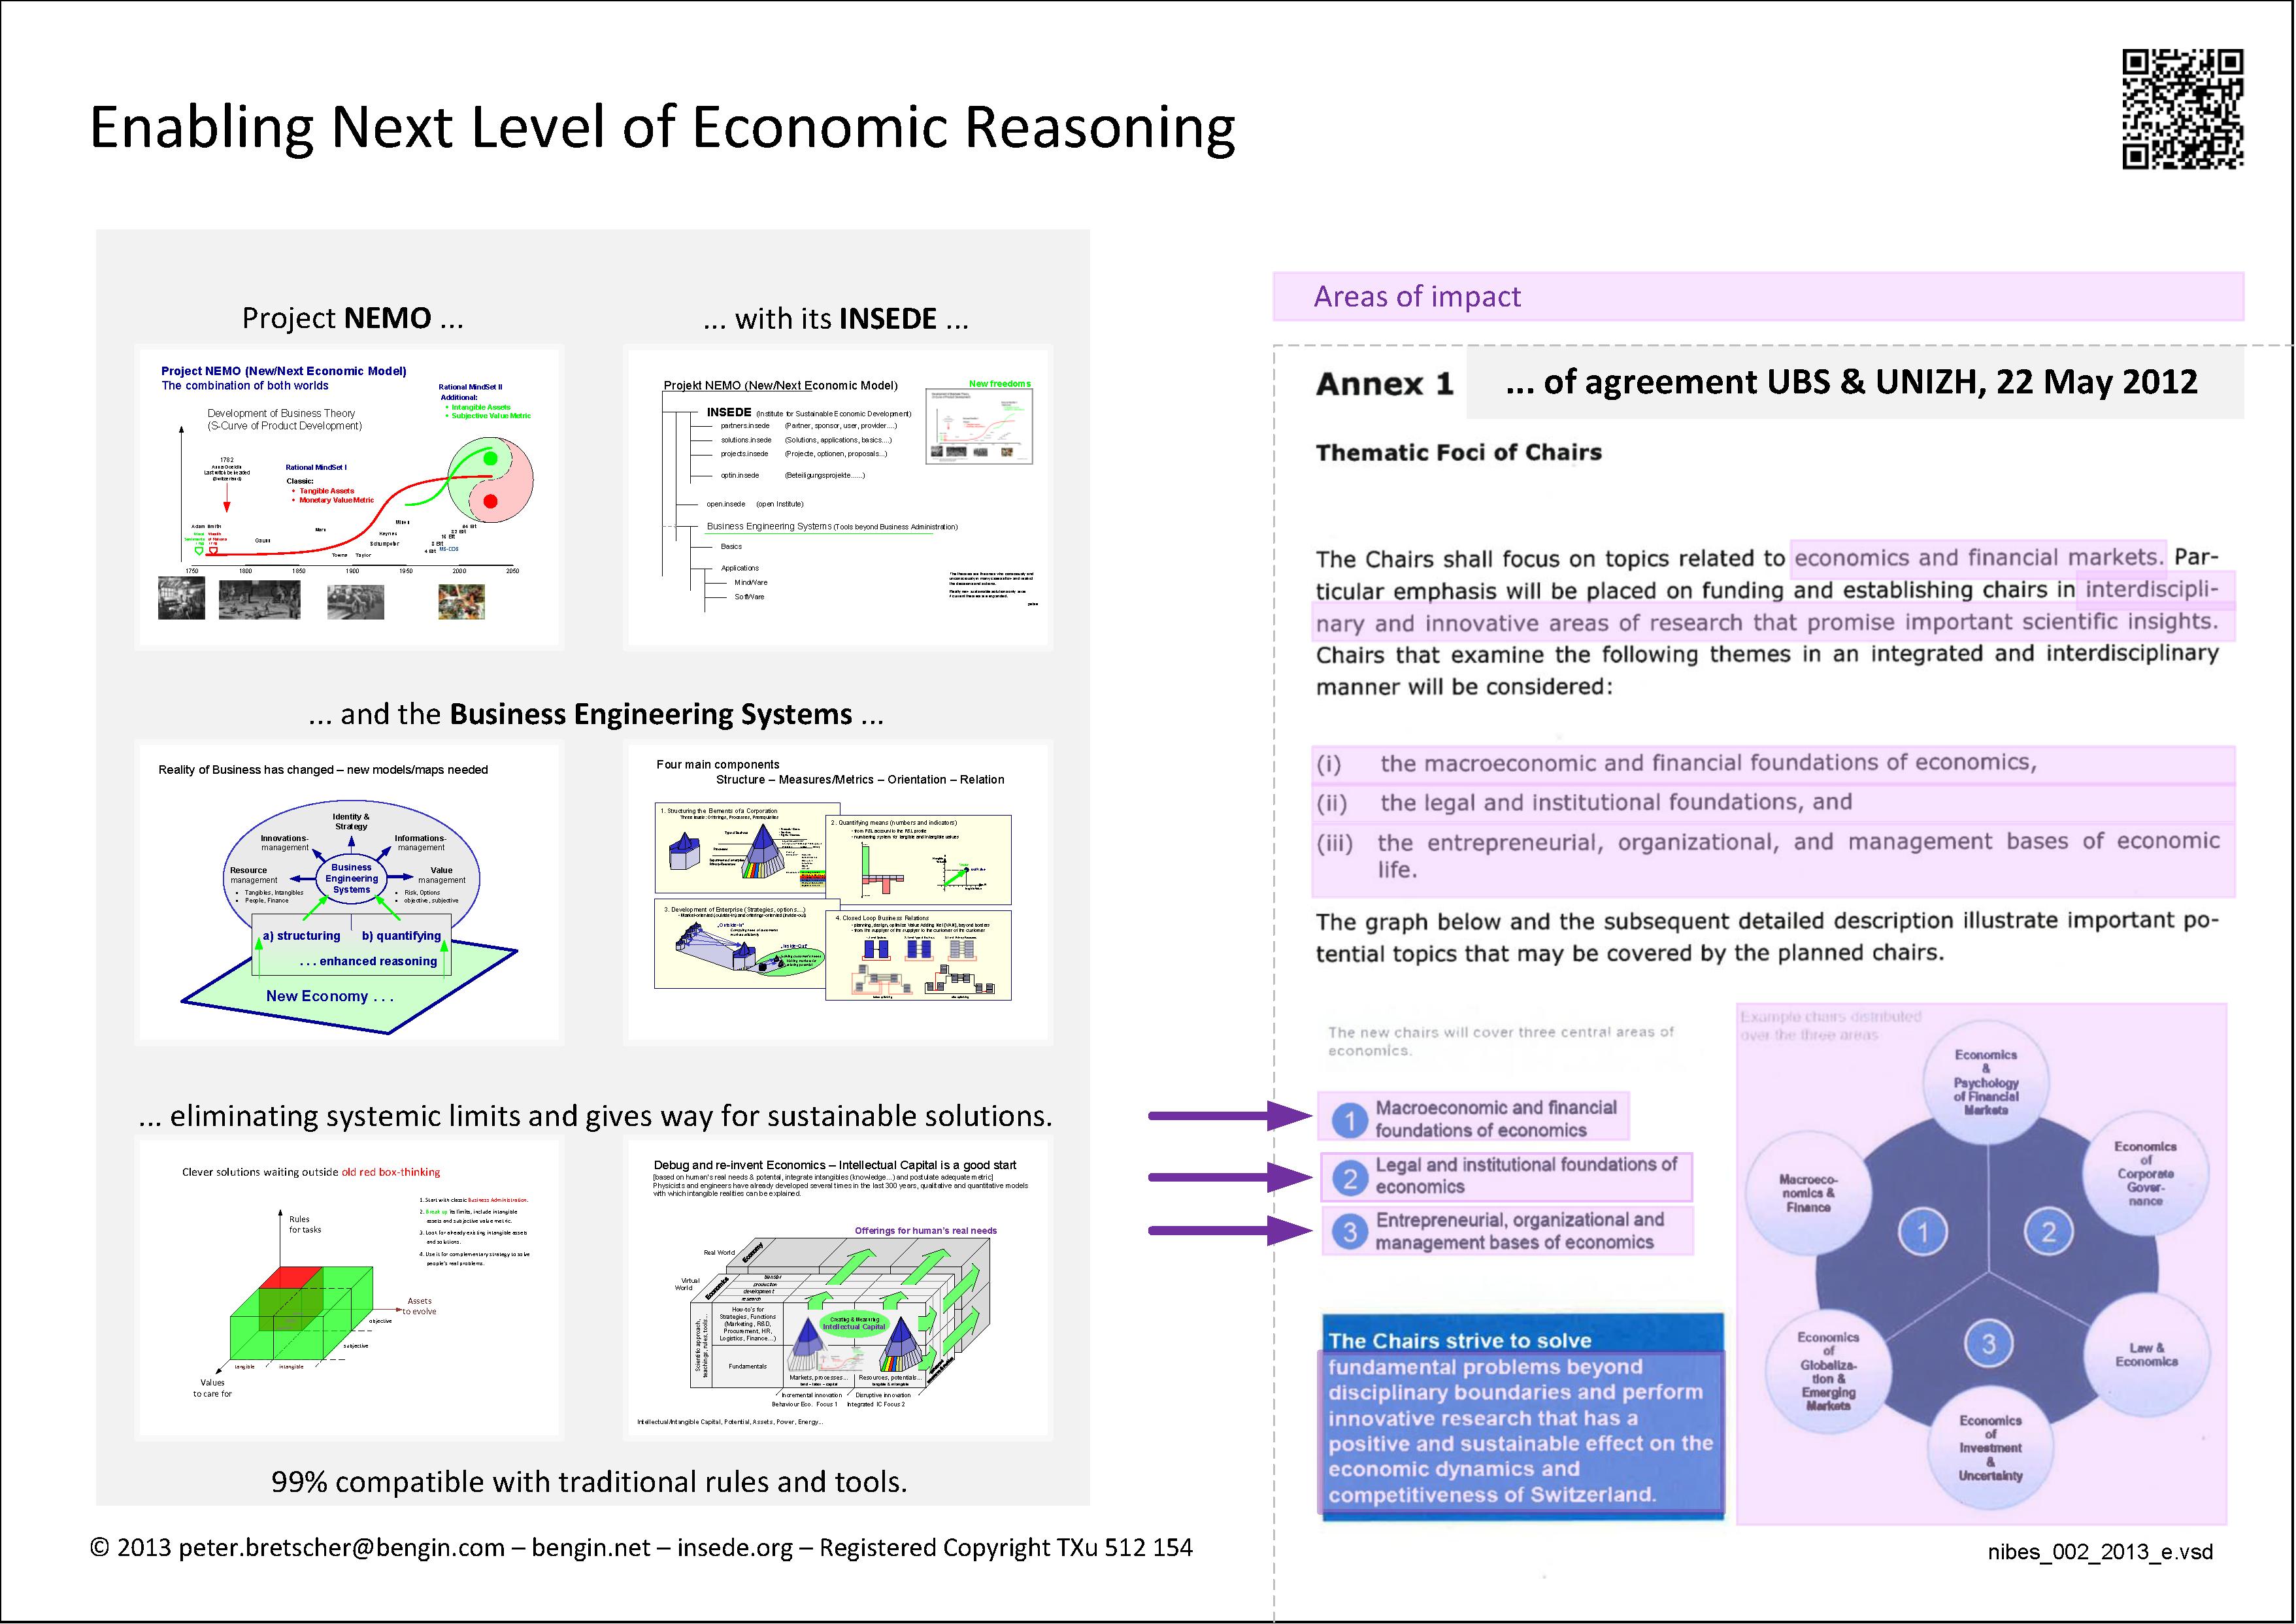 Wo die neuen Modelle in der Erkenntnisentwicklung wirken